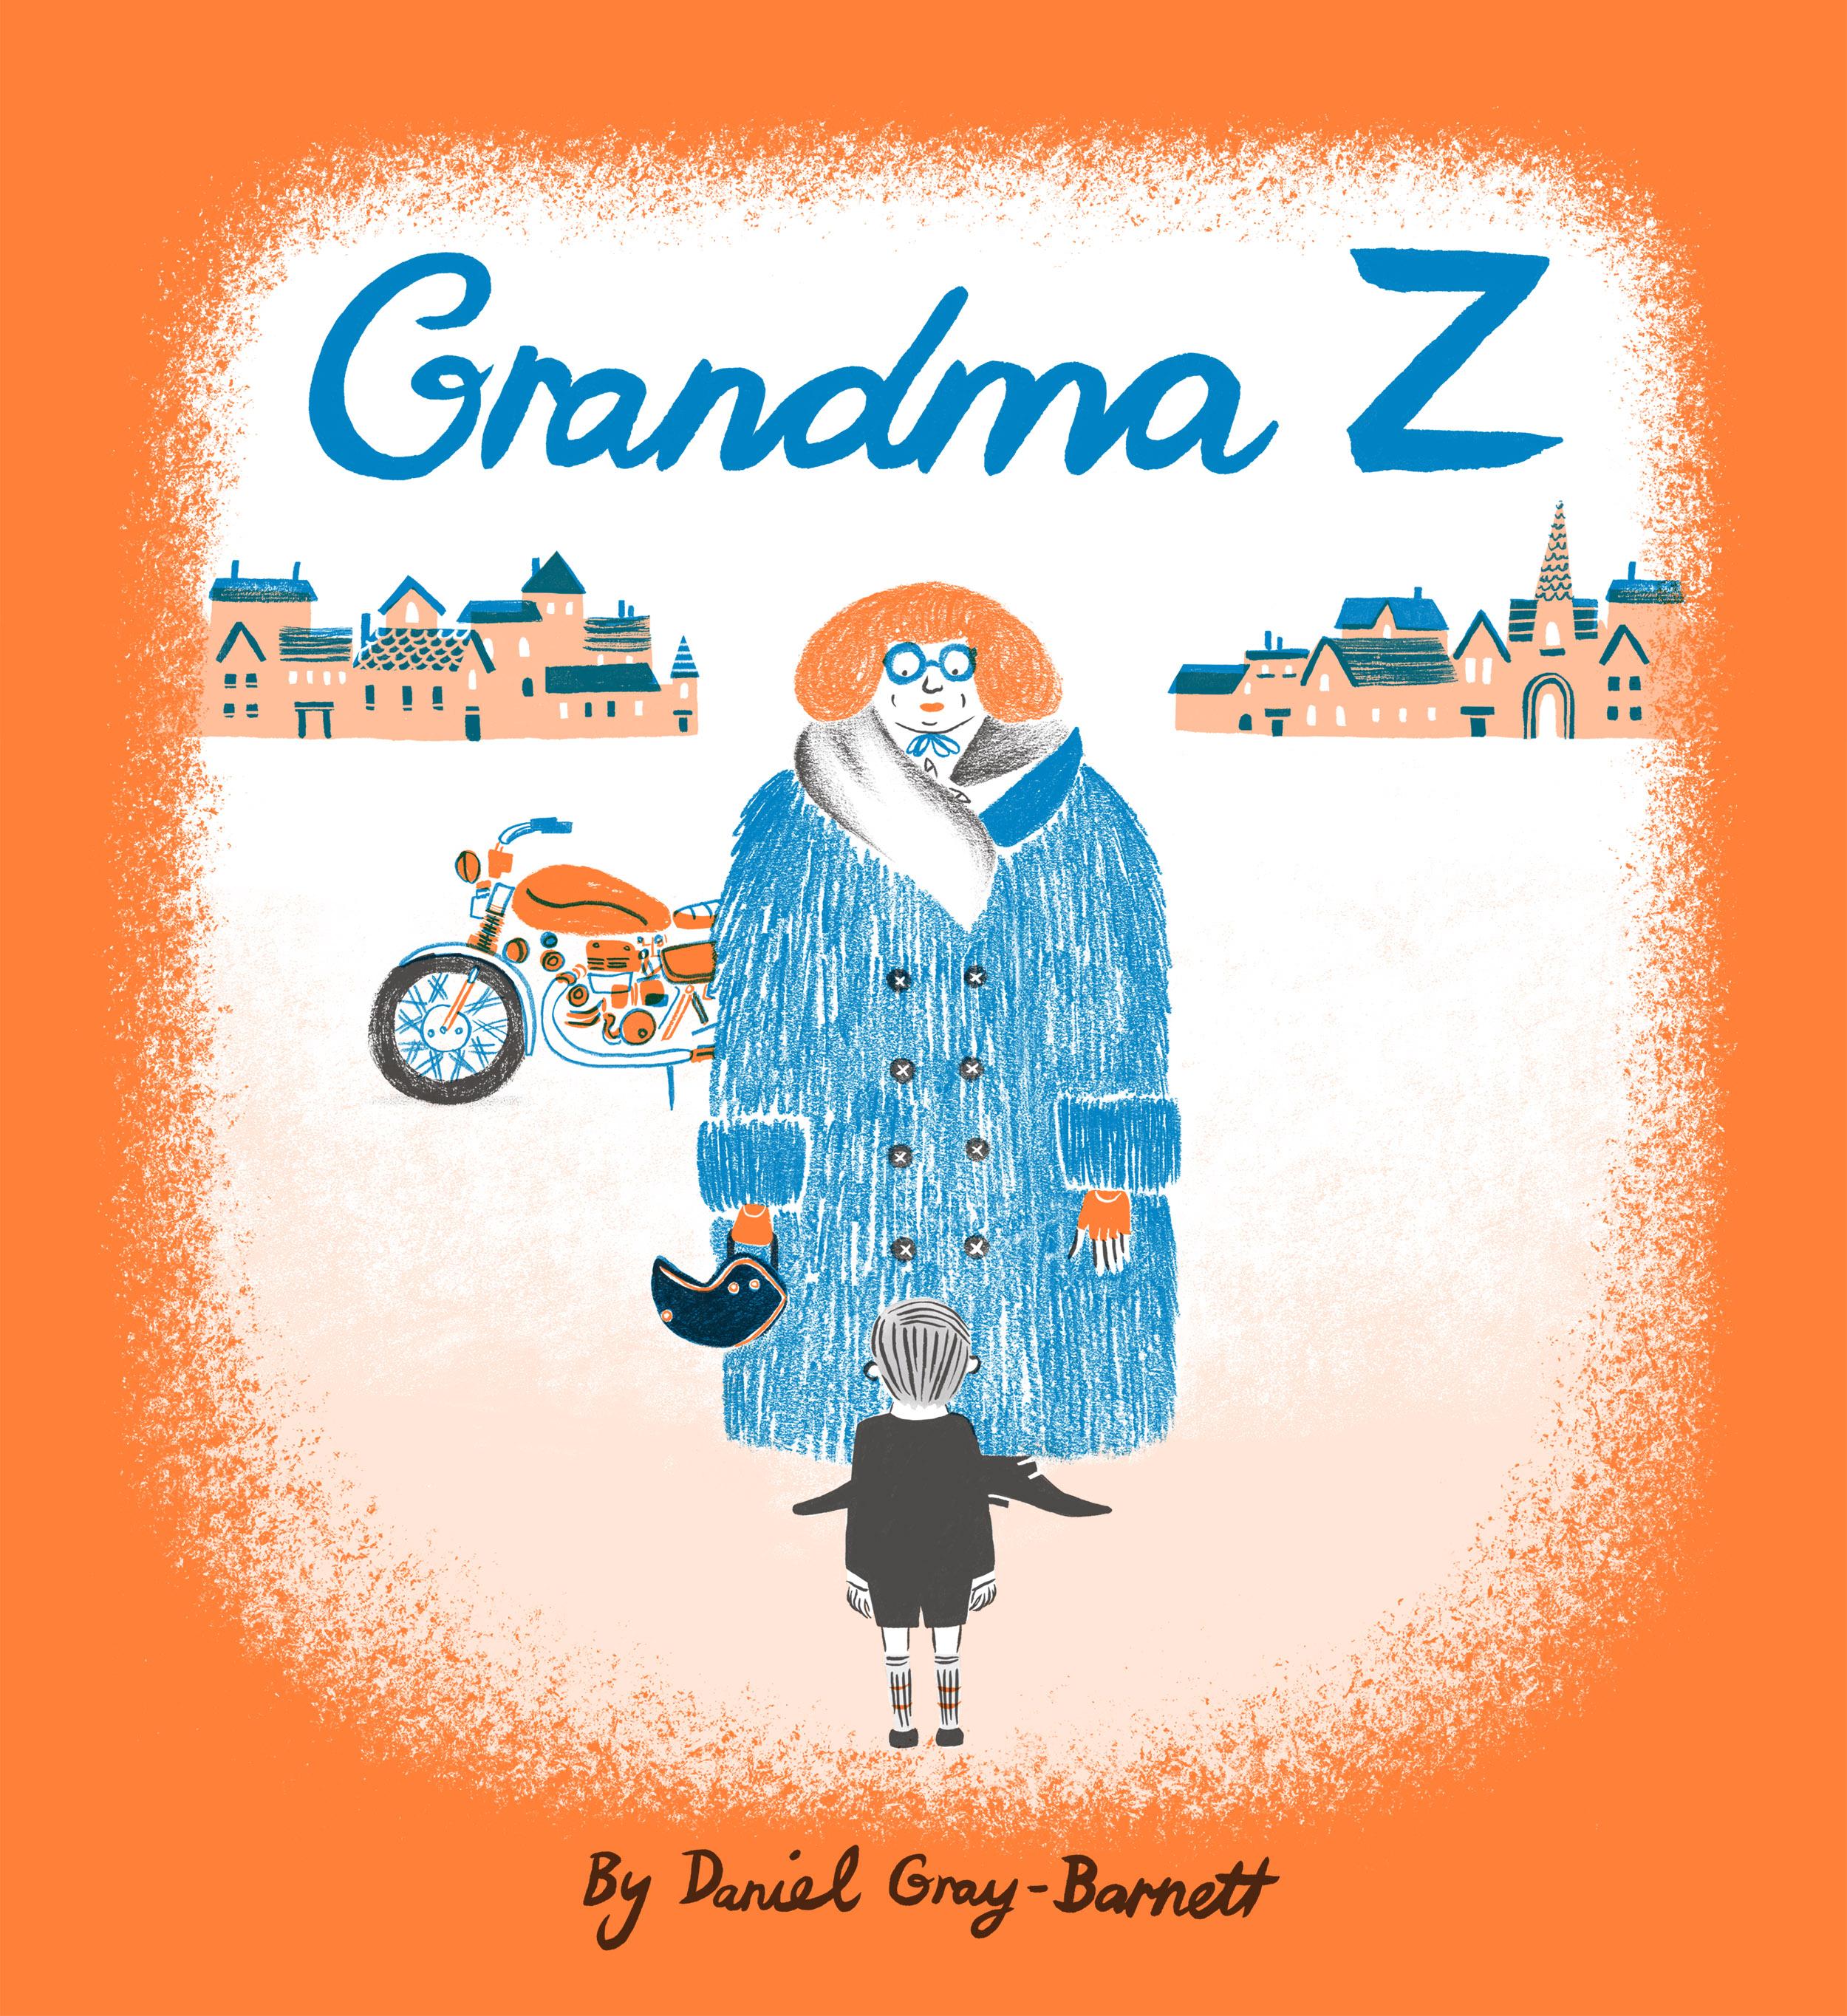 GrandmaZ_Cover_2500.jpg